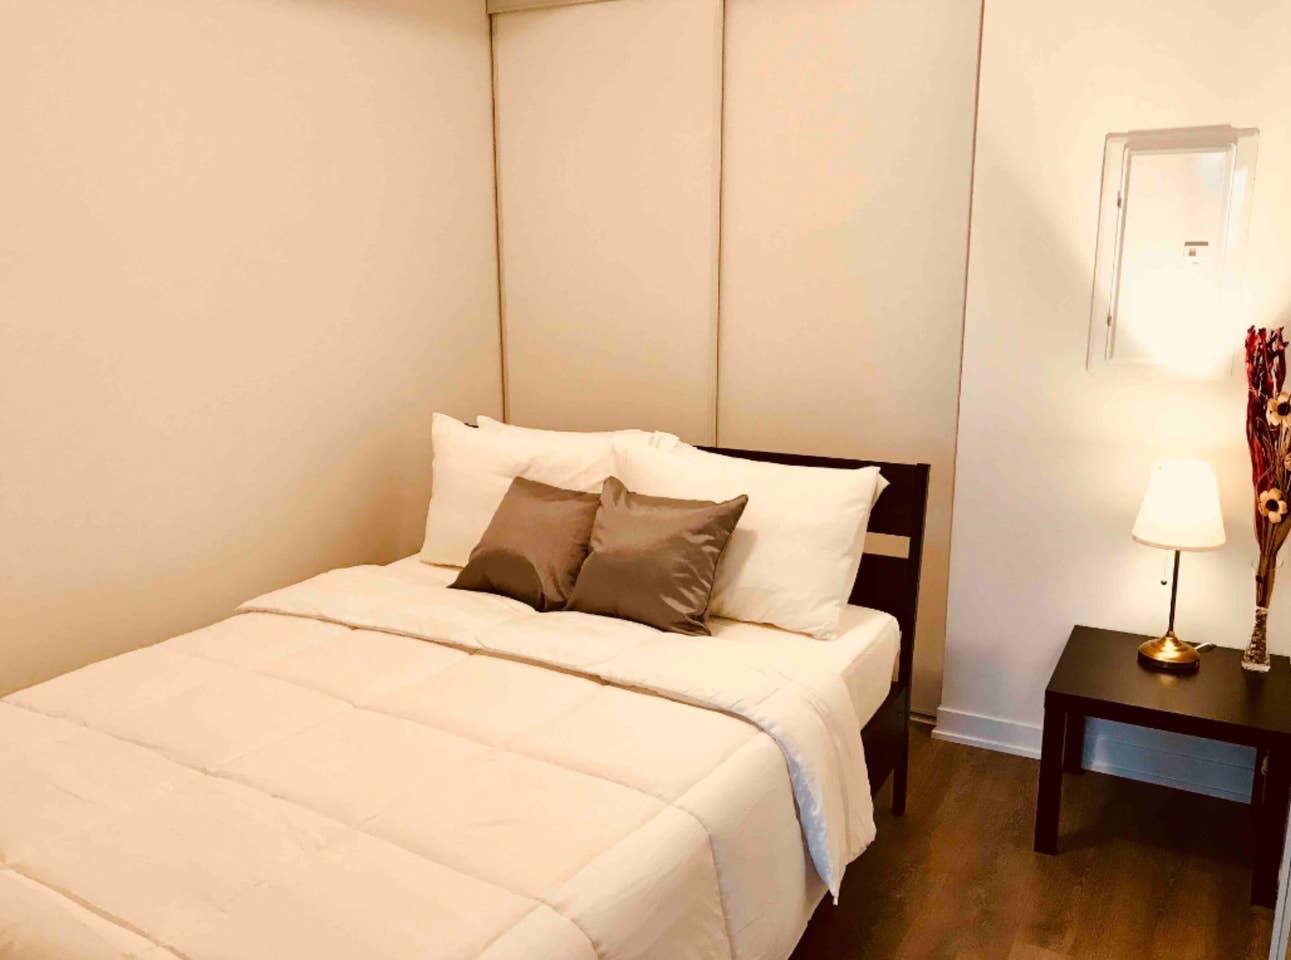 Bedroom in Toronto DOwntown